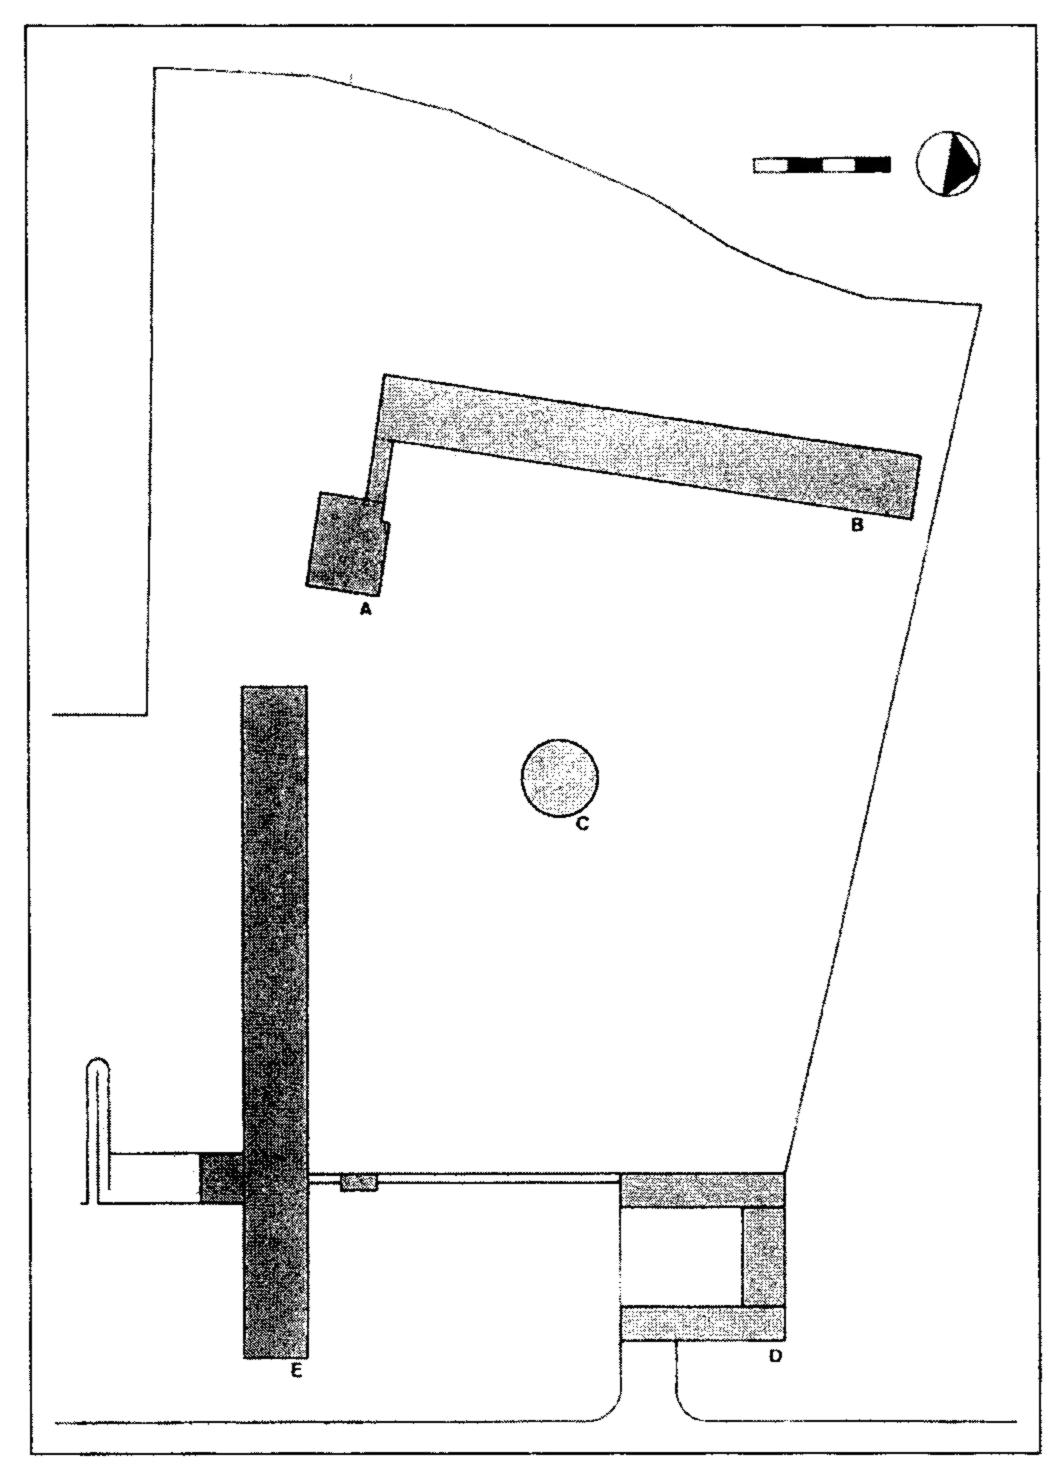 Moisei Ginzburg Amp Ga Zundblat Proposed Site Plan Of The